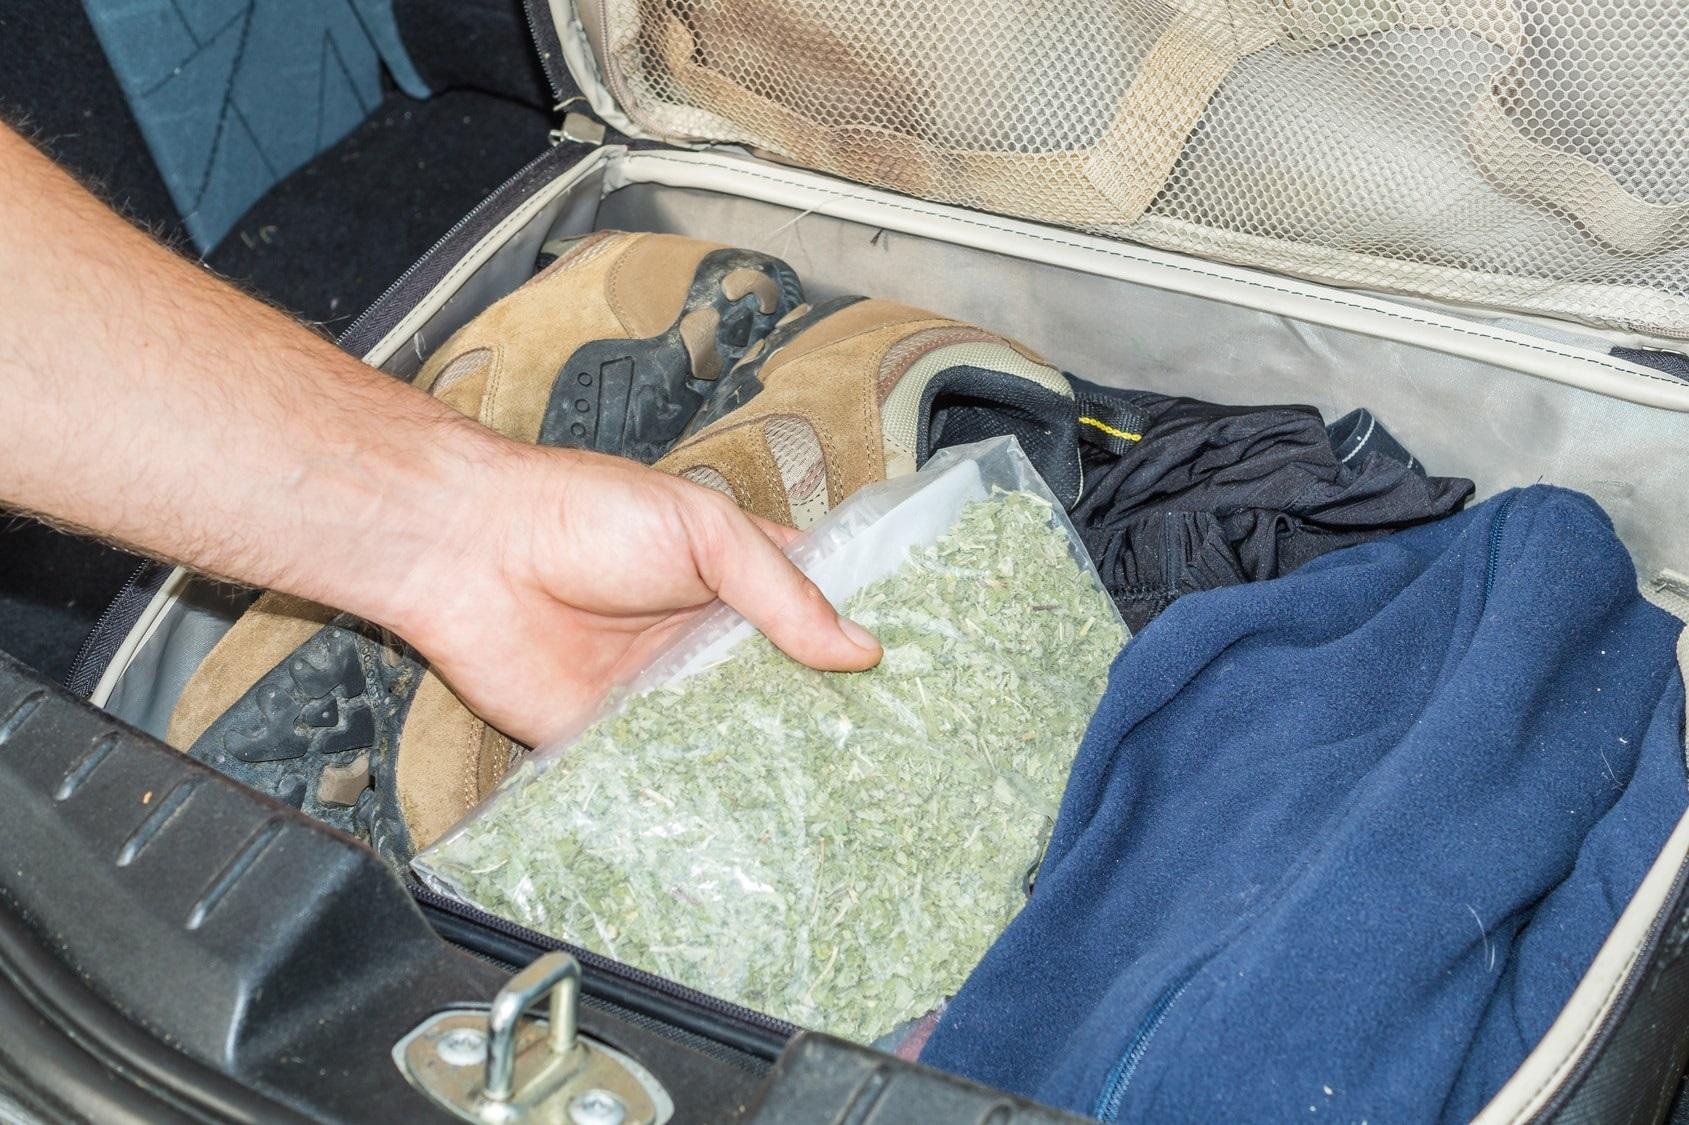 Rechtsanwalt Clemens Louis Unerlaubte Einfuhr von Betäubungsmitteln Cannabis - Haschisch - Marihuana